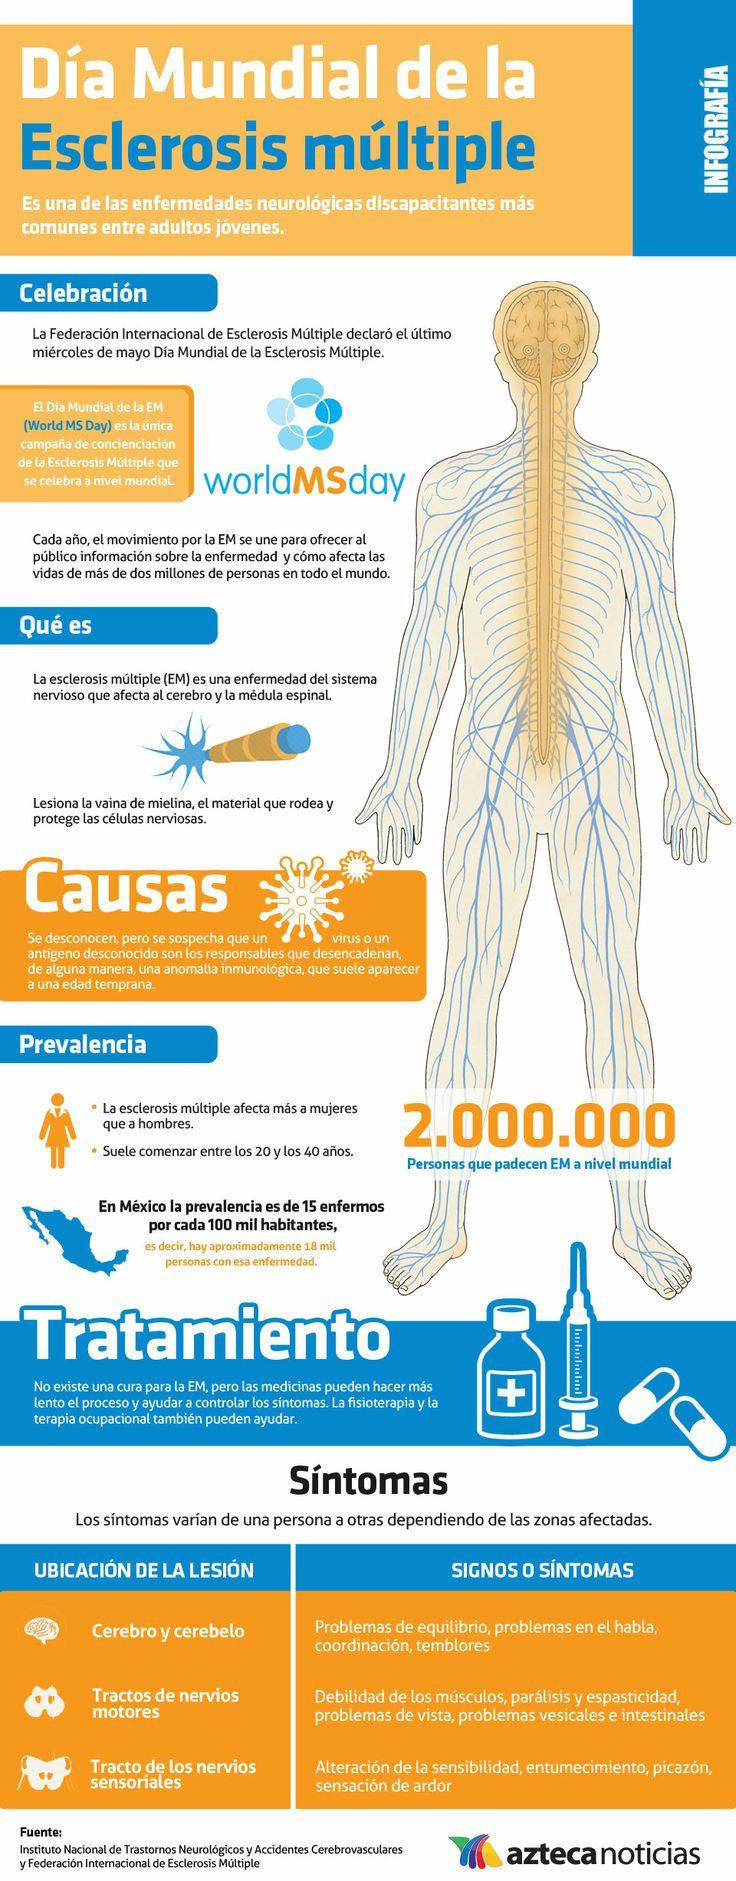 Día Mundial de la Esclerosis múltiple